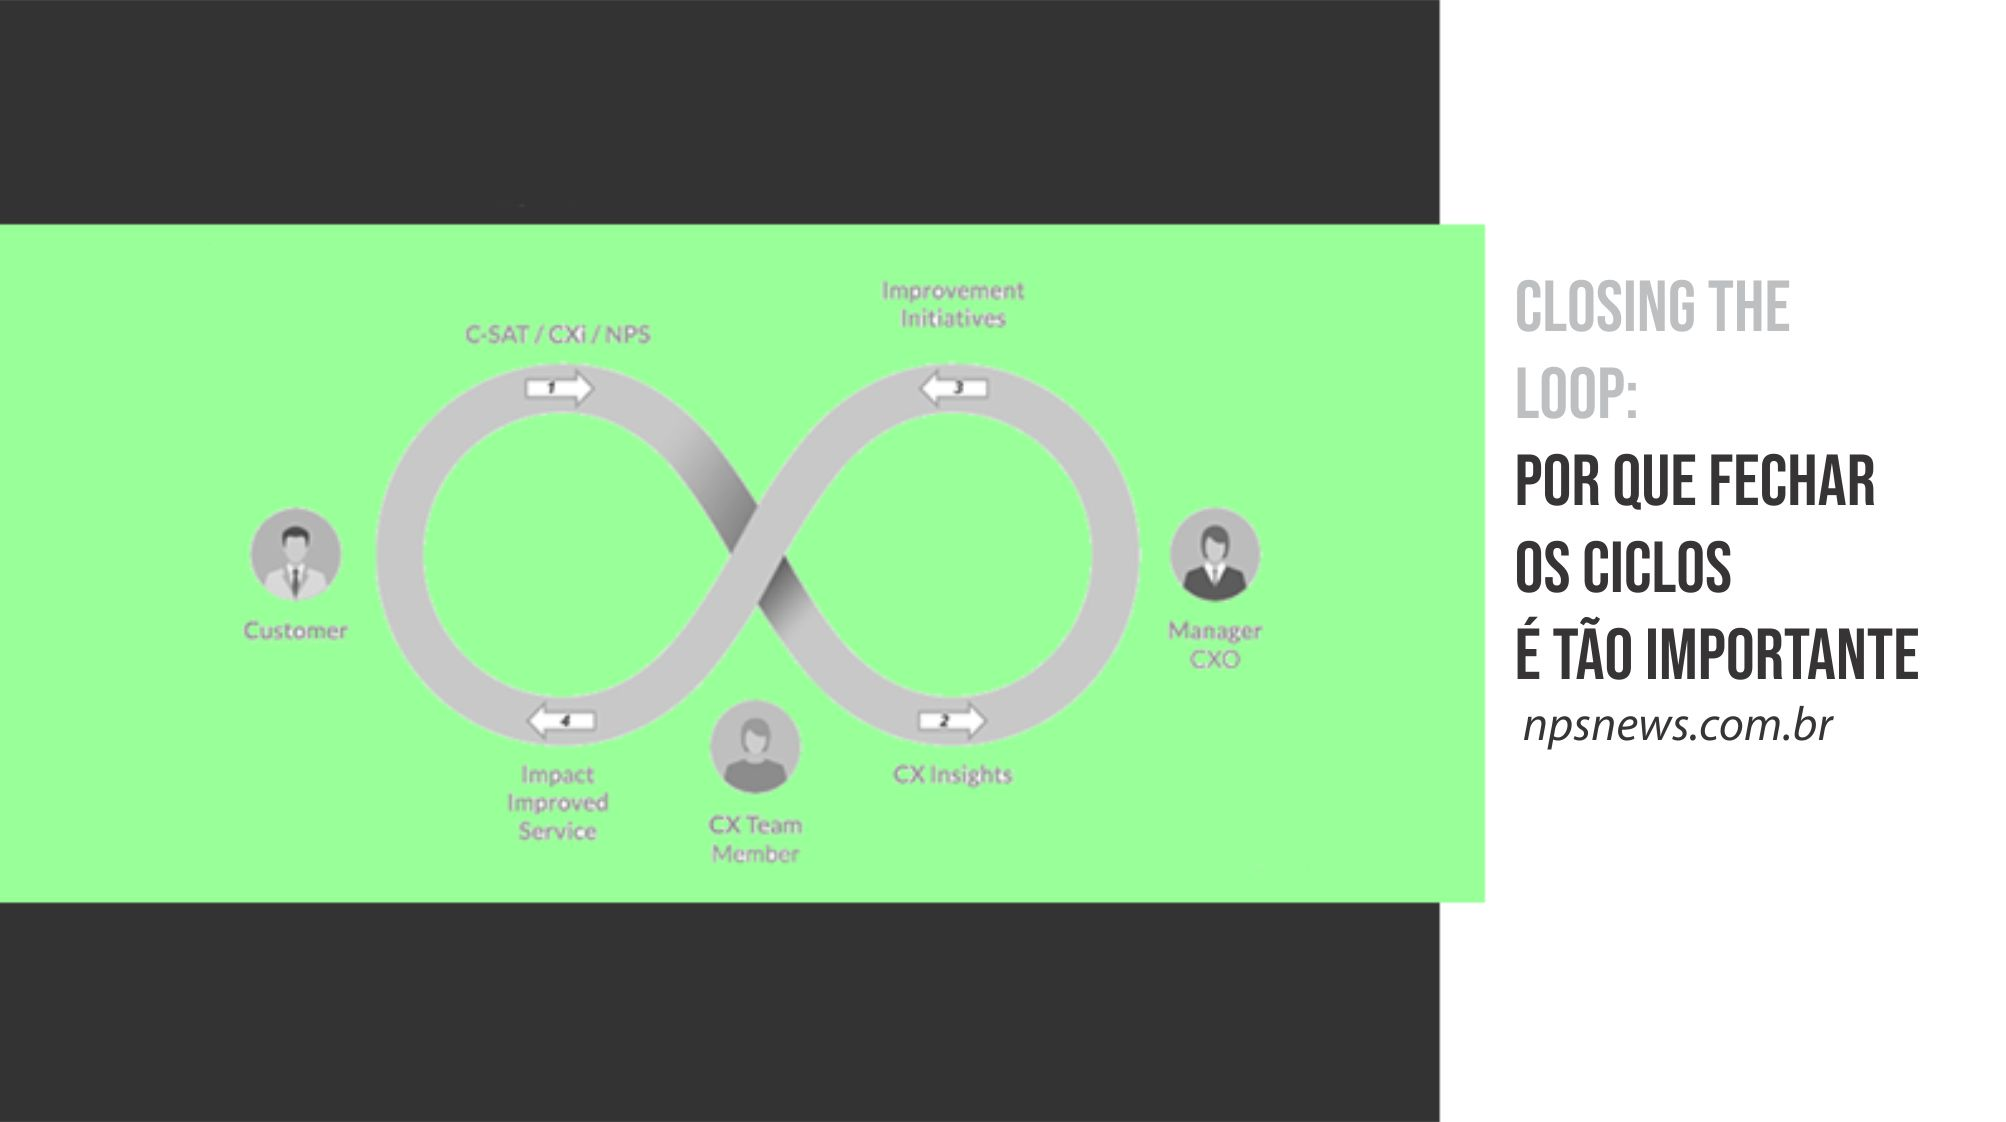 Closing the loop: por que fechar os ciclos é tão importante